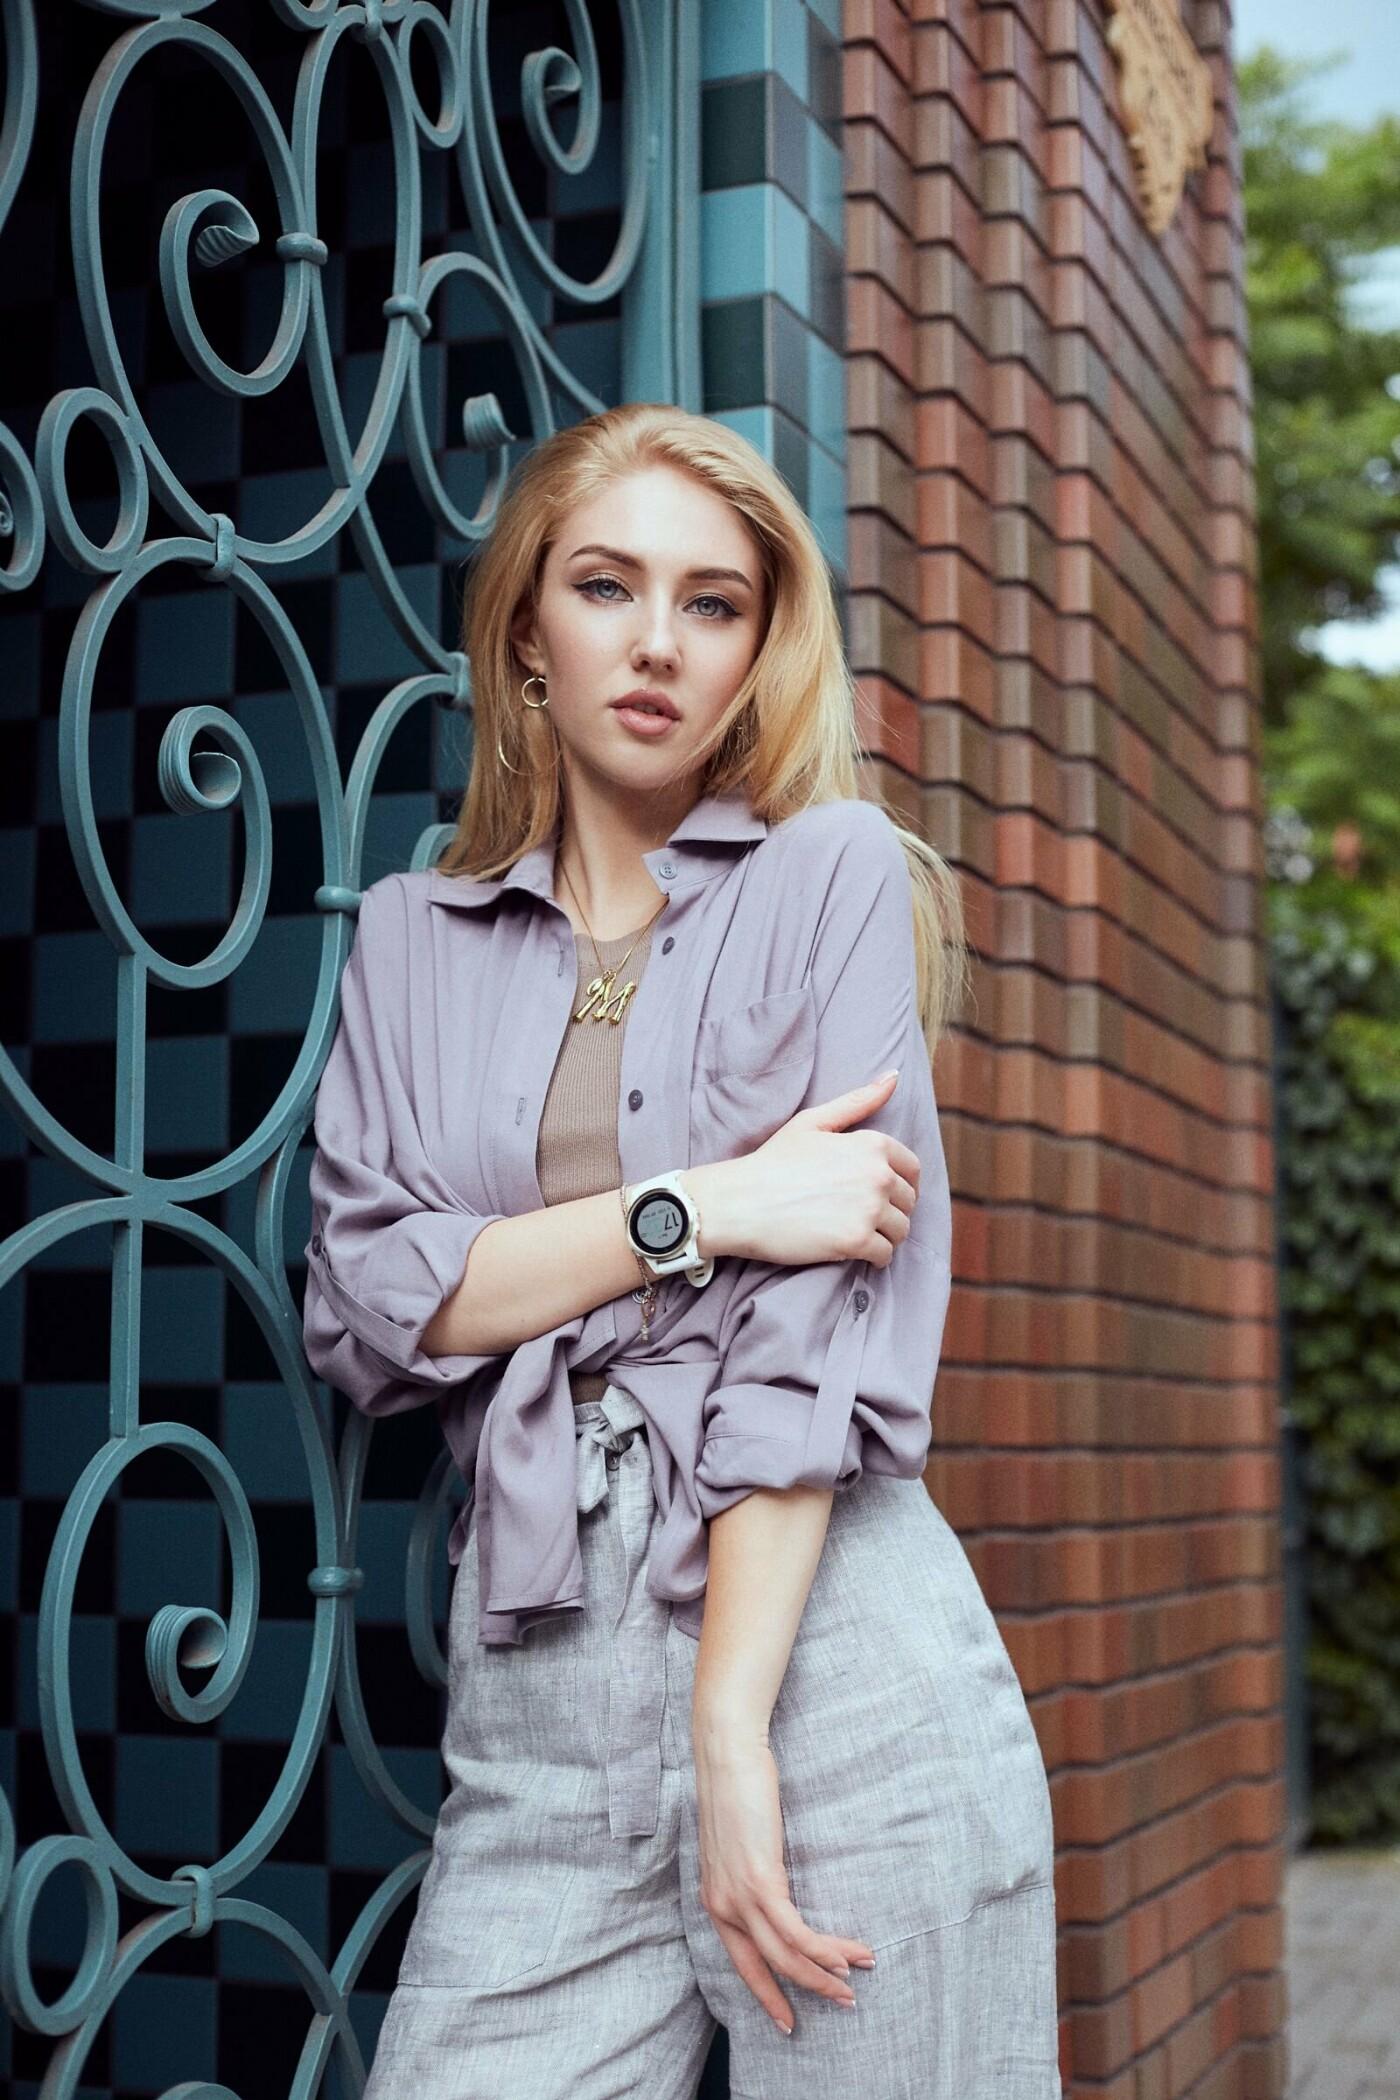 """Girl.PRO. """"Визажист - ненастоящая работа"""": как Маша Филиппова доказала обратное и открыла свой бизнес в центре города, фото-5"""